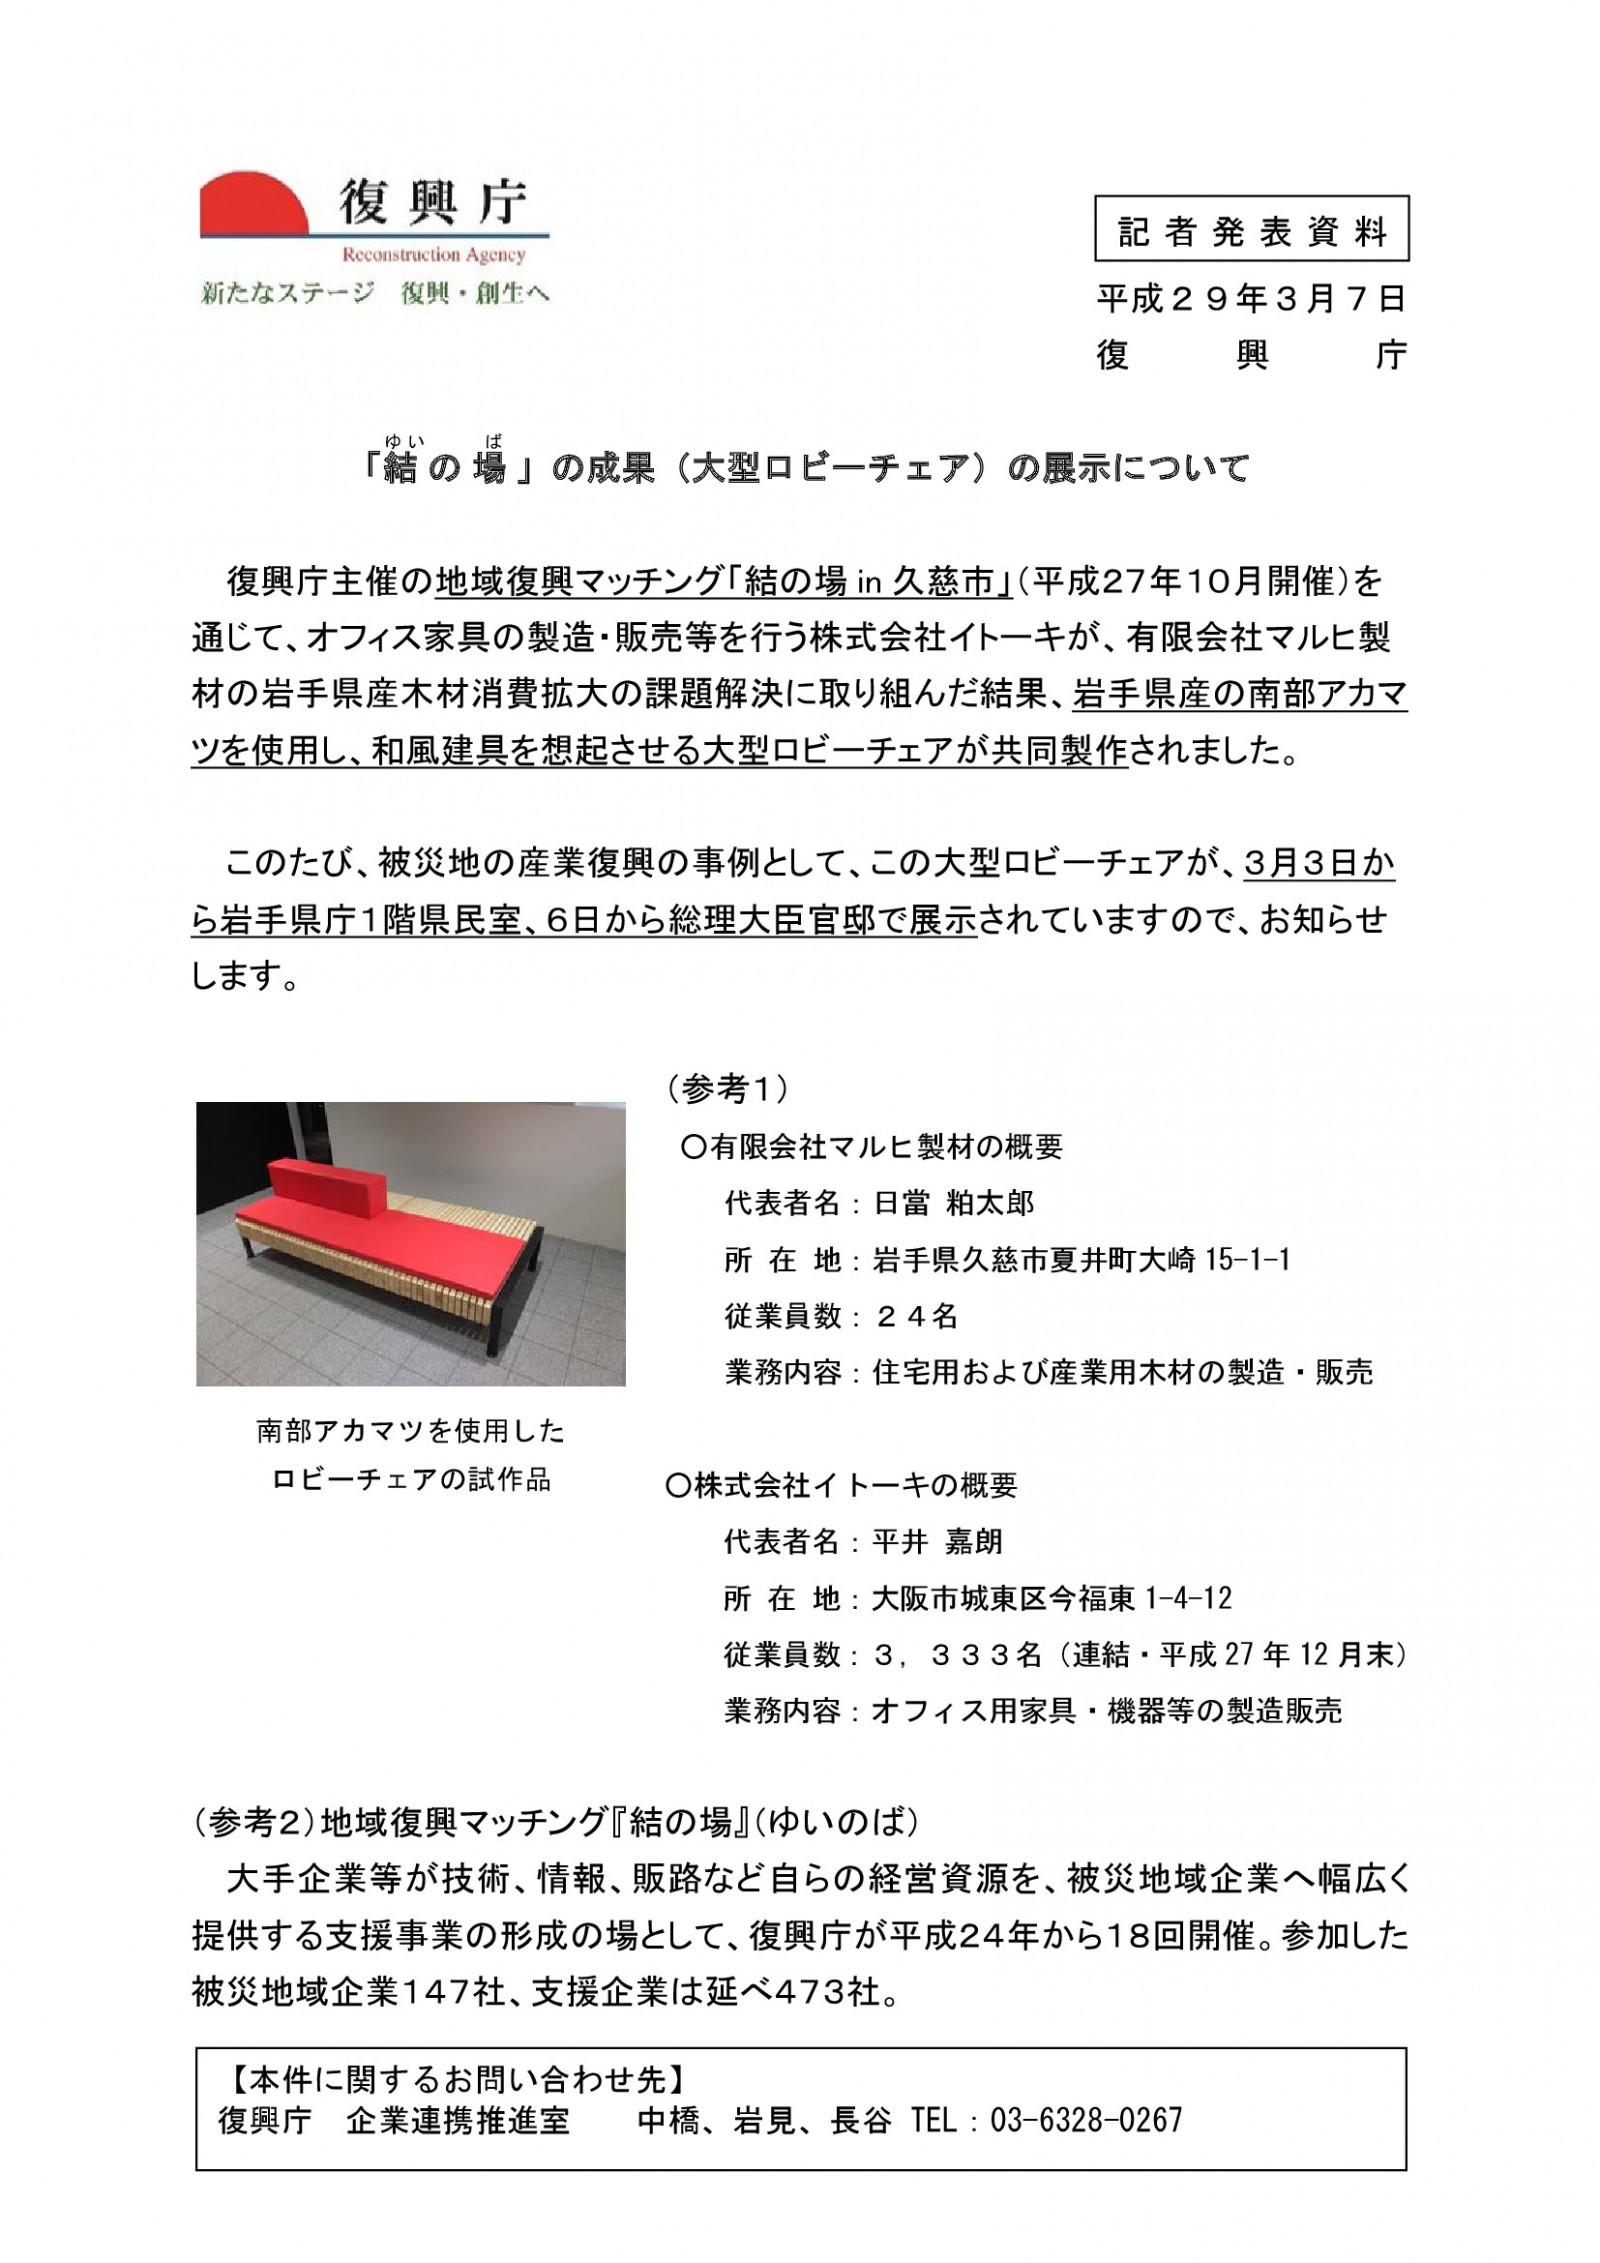 復興庁2017.03.07記事